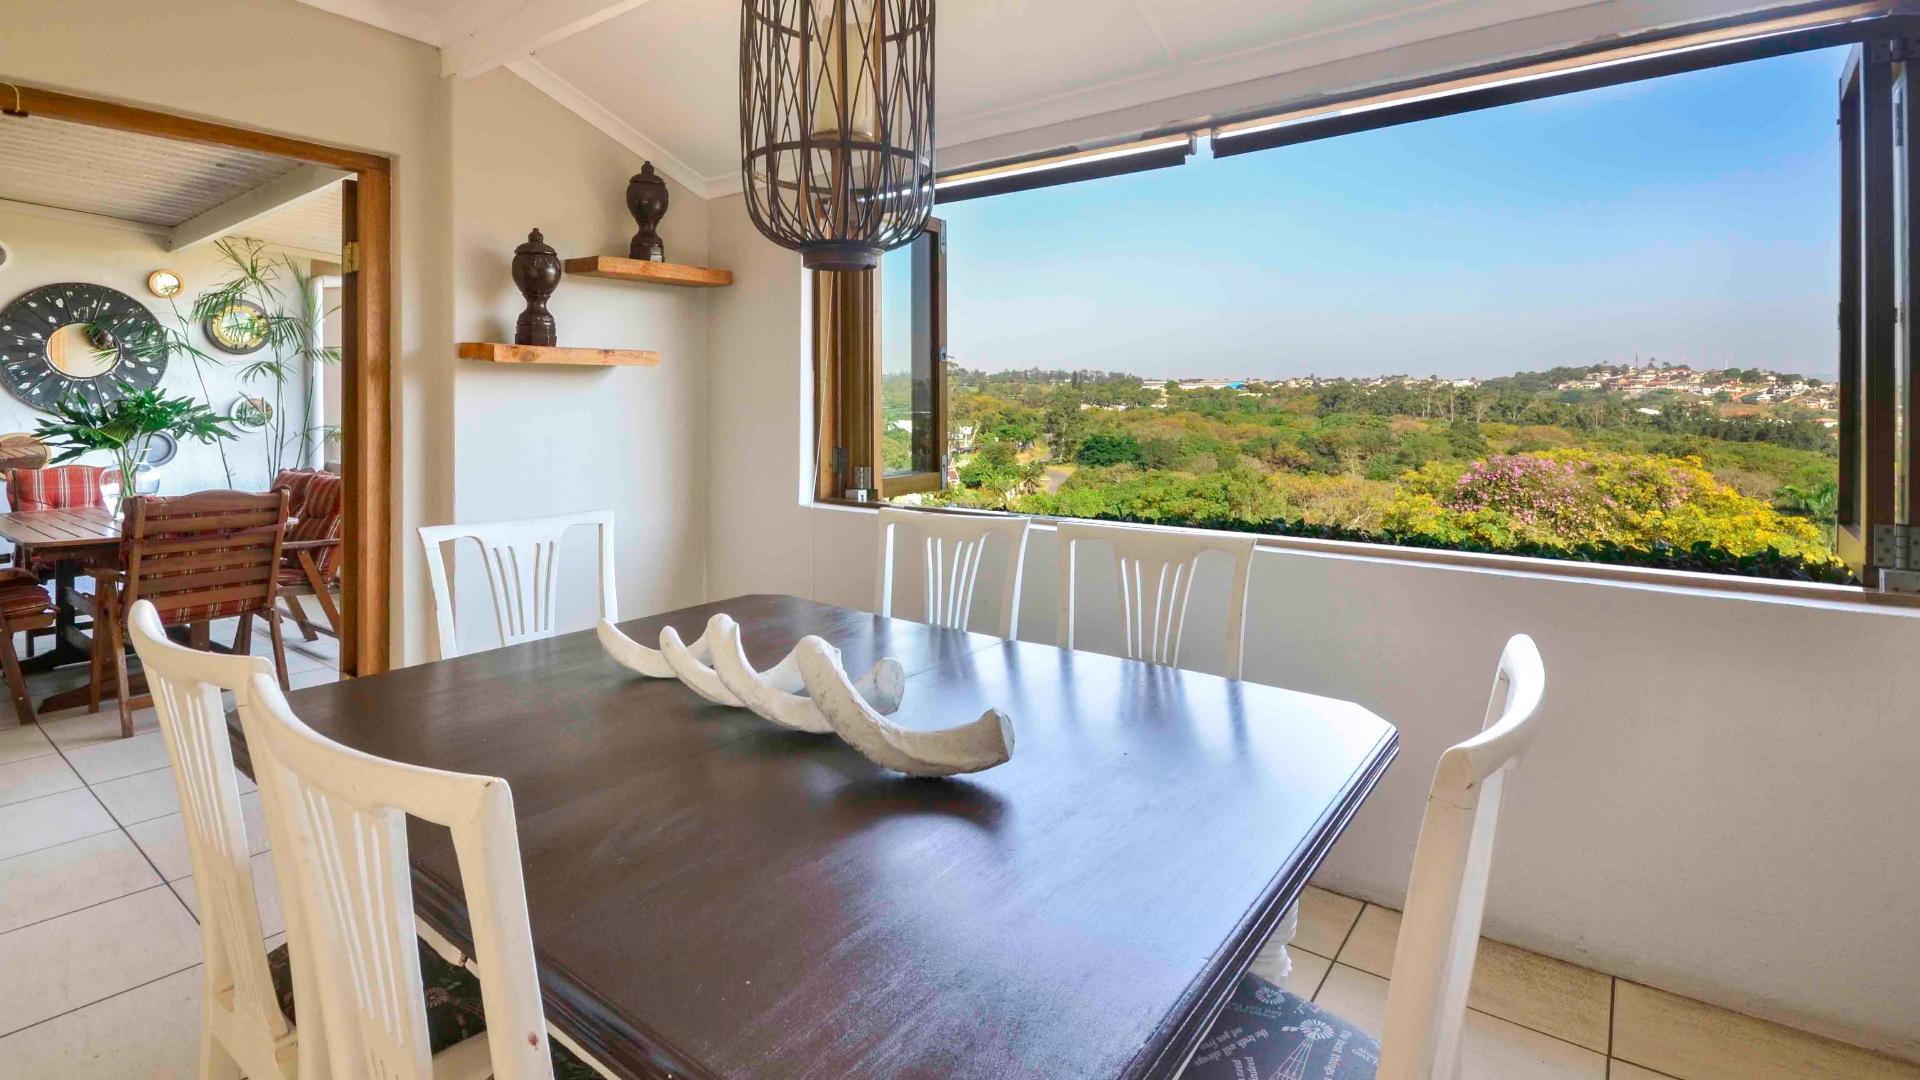 2 BedroomApartment For Sale In Glen Hills